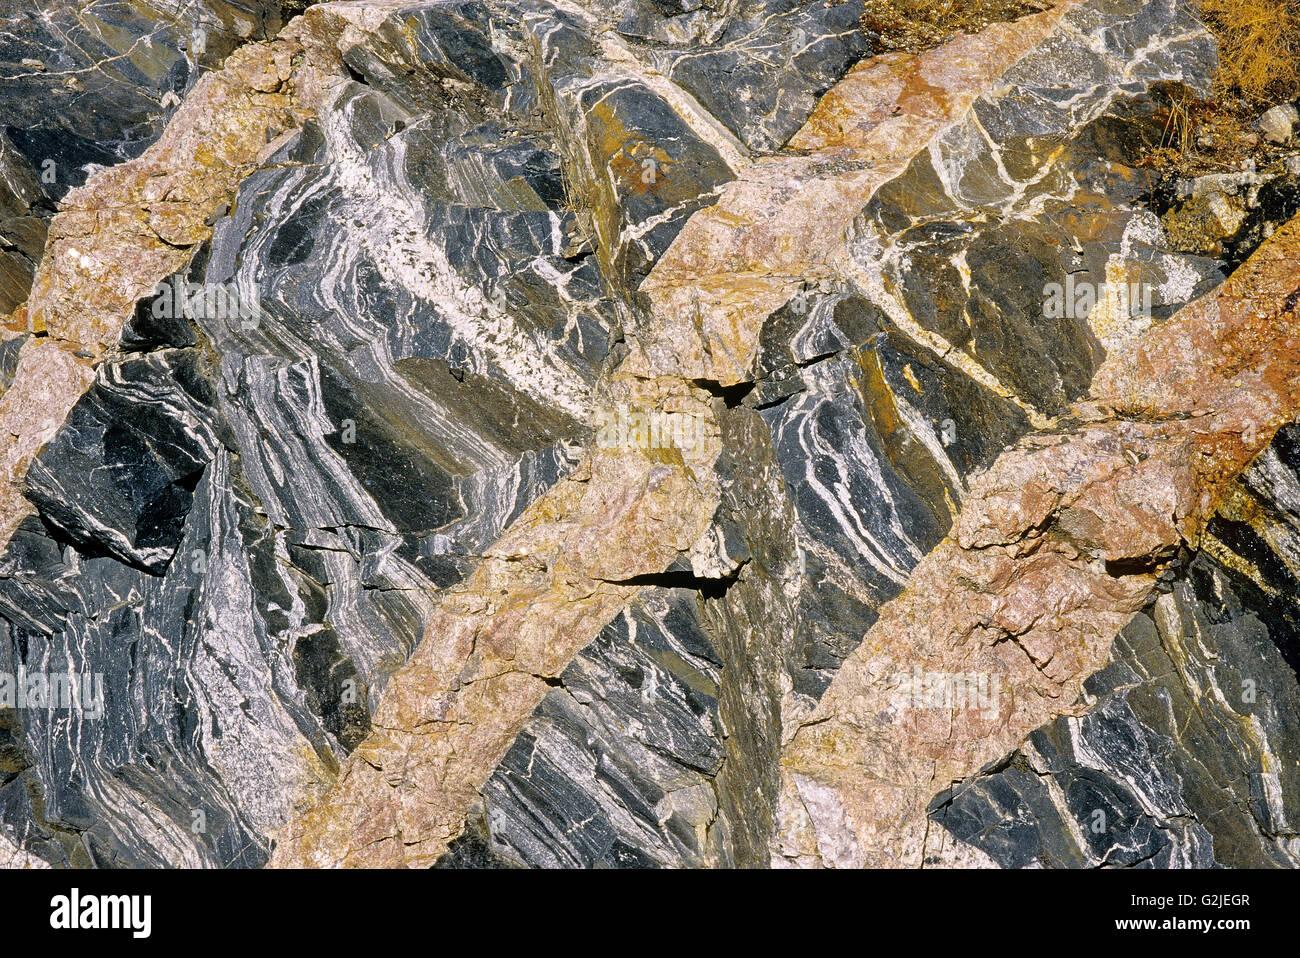 Detail of veins in rock Schreiber Ontario Canada - Stock Image